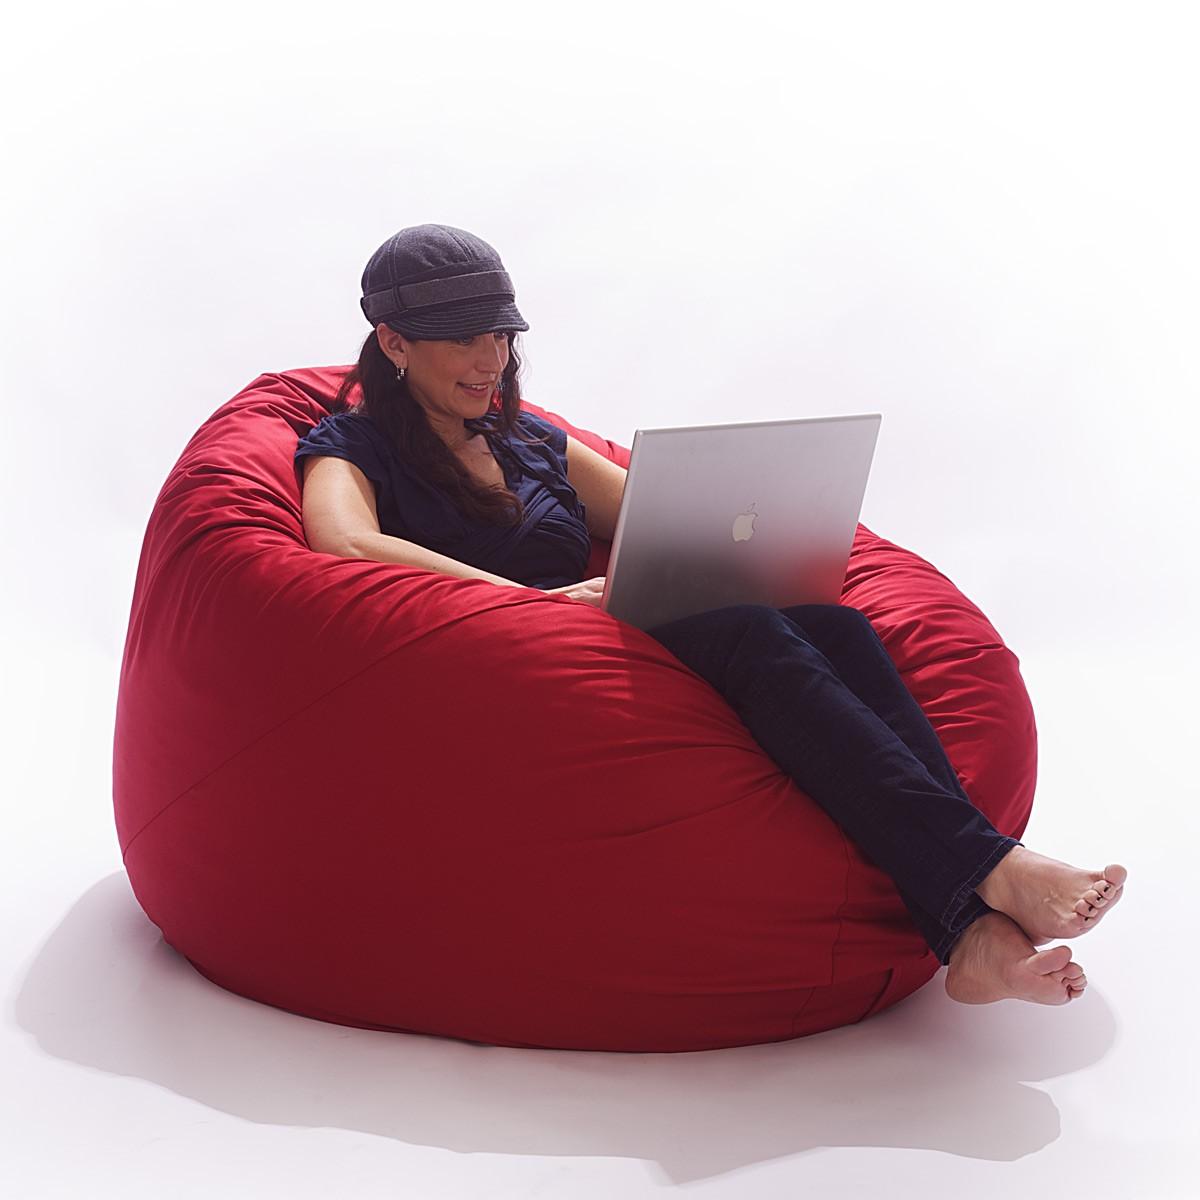 bean bag sofas india tindall 72 leather sofa cotton style homez shop